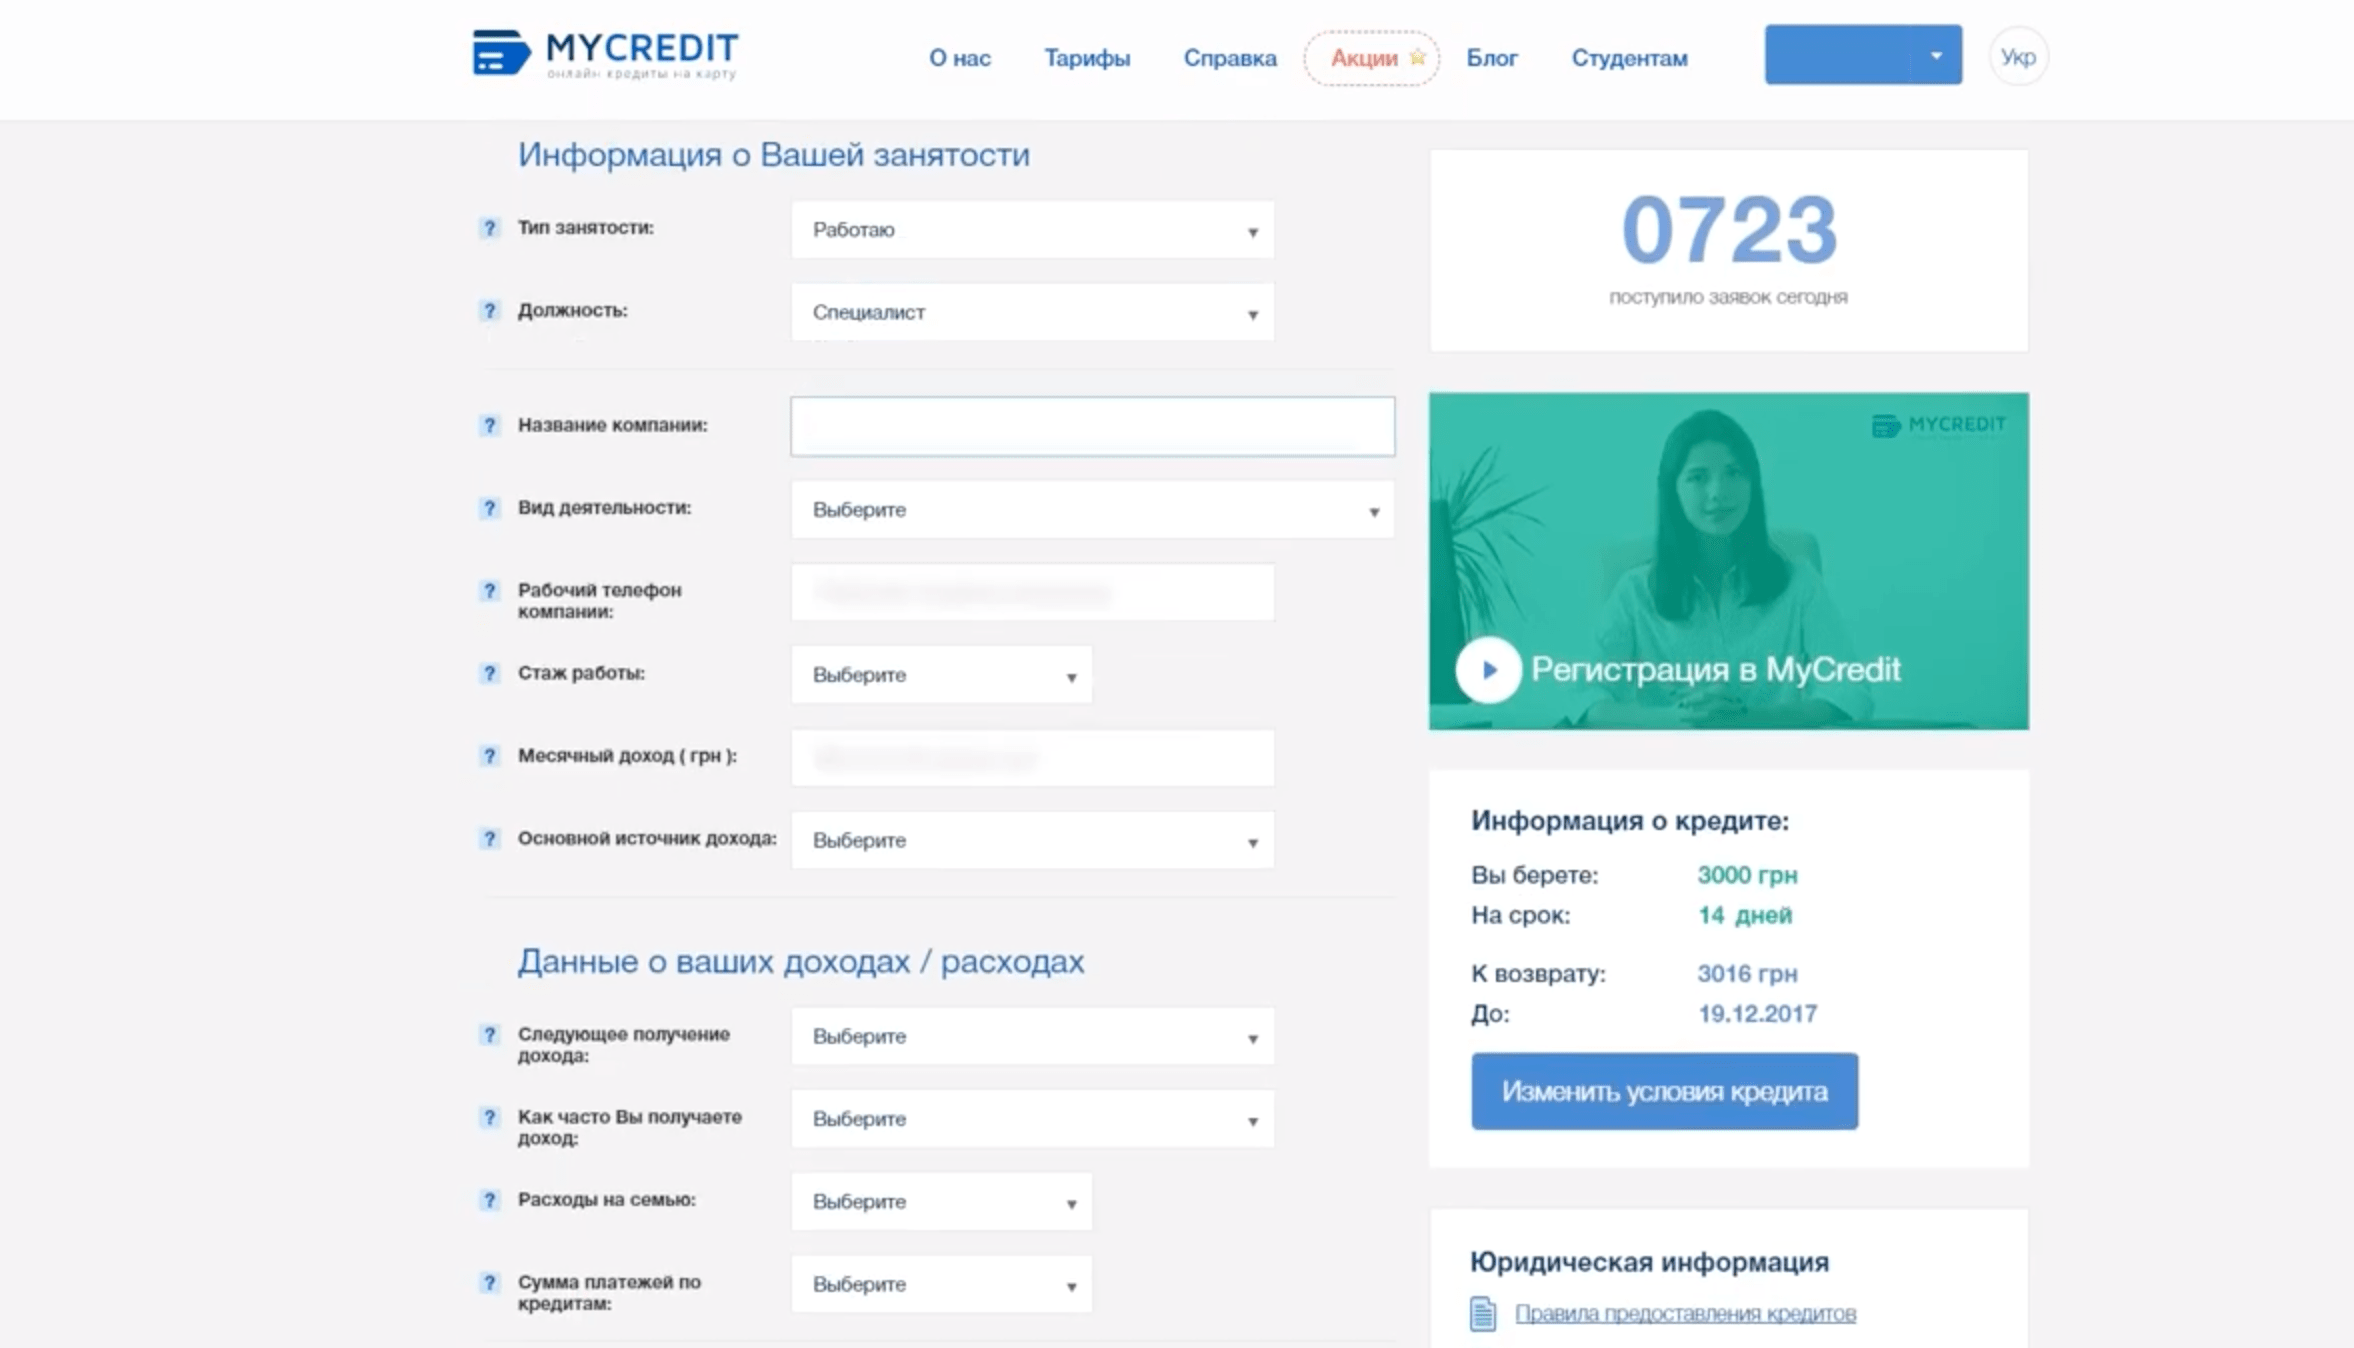 Как взять кредит в MyCredit